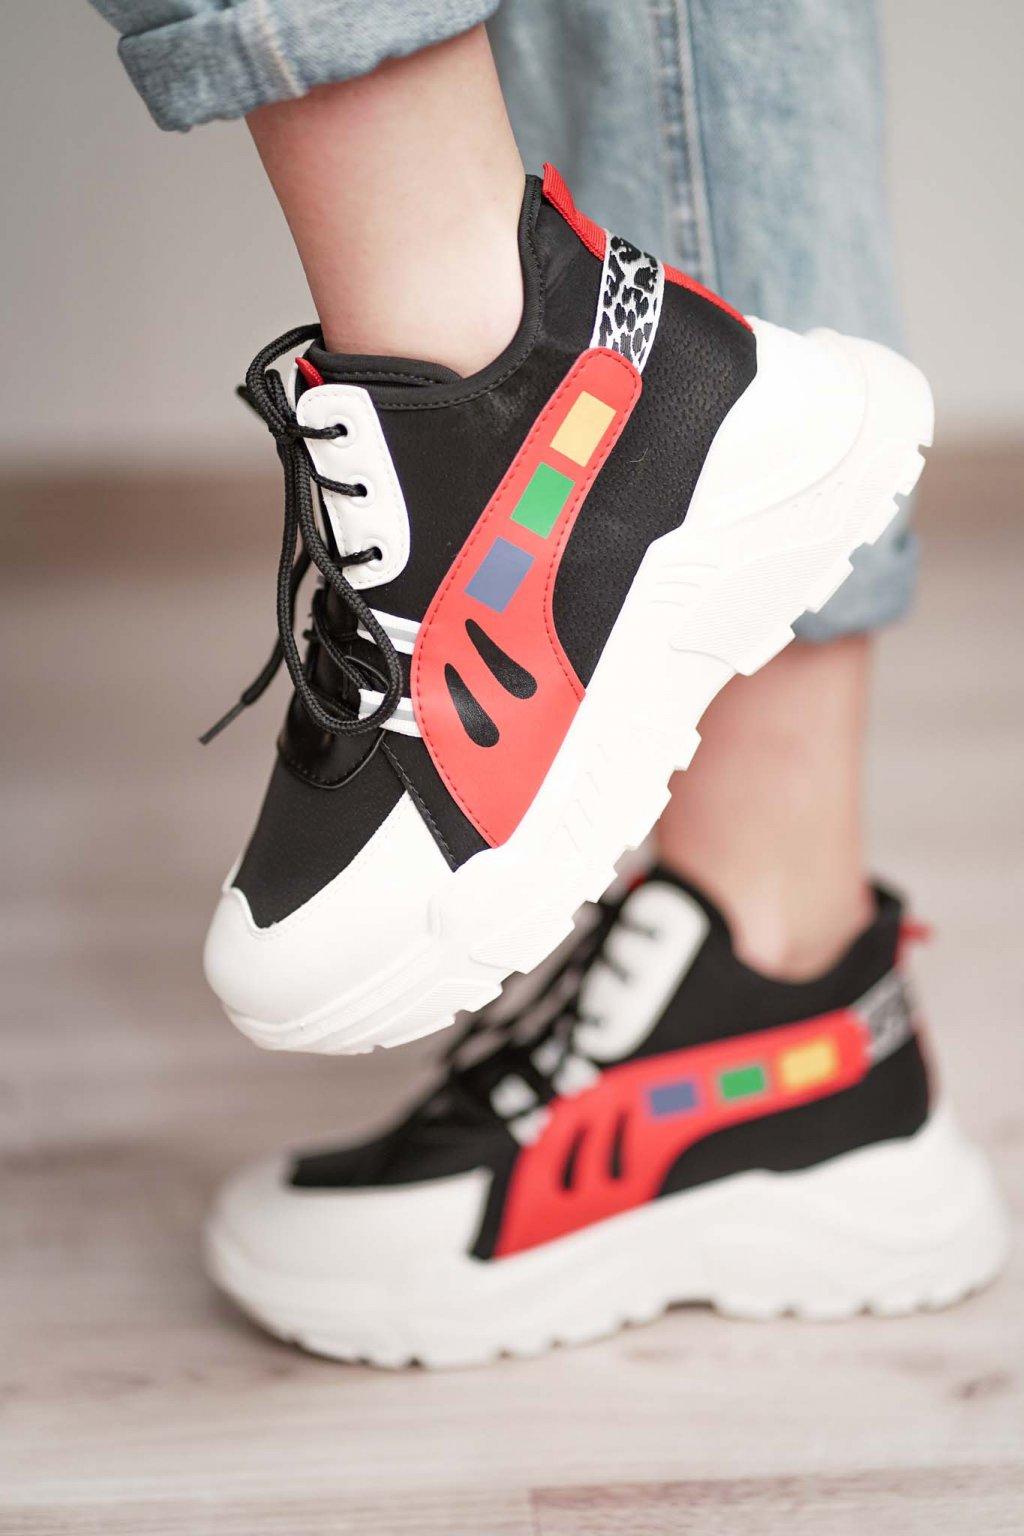 topánky, obuv, tenisky, botasky, lodičky, čižmy, šľapky, sandálky 438